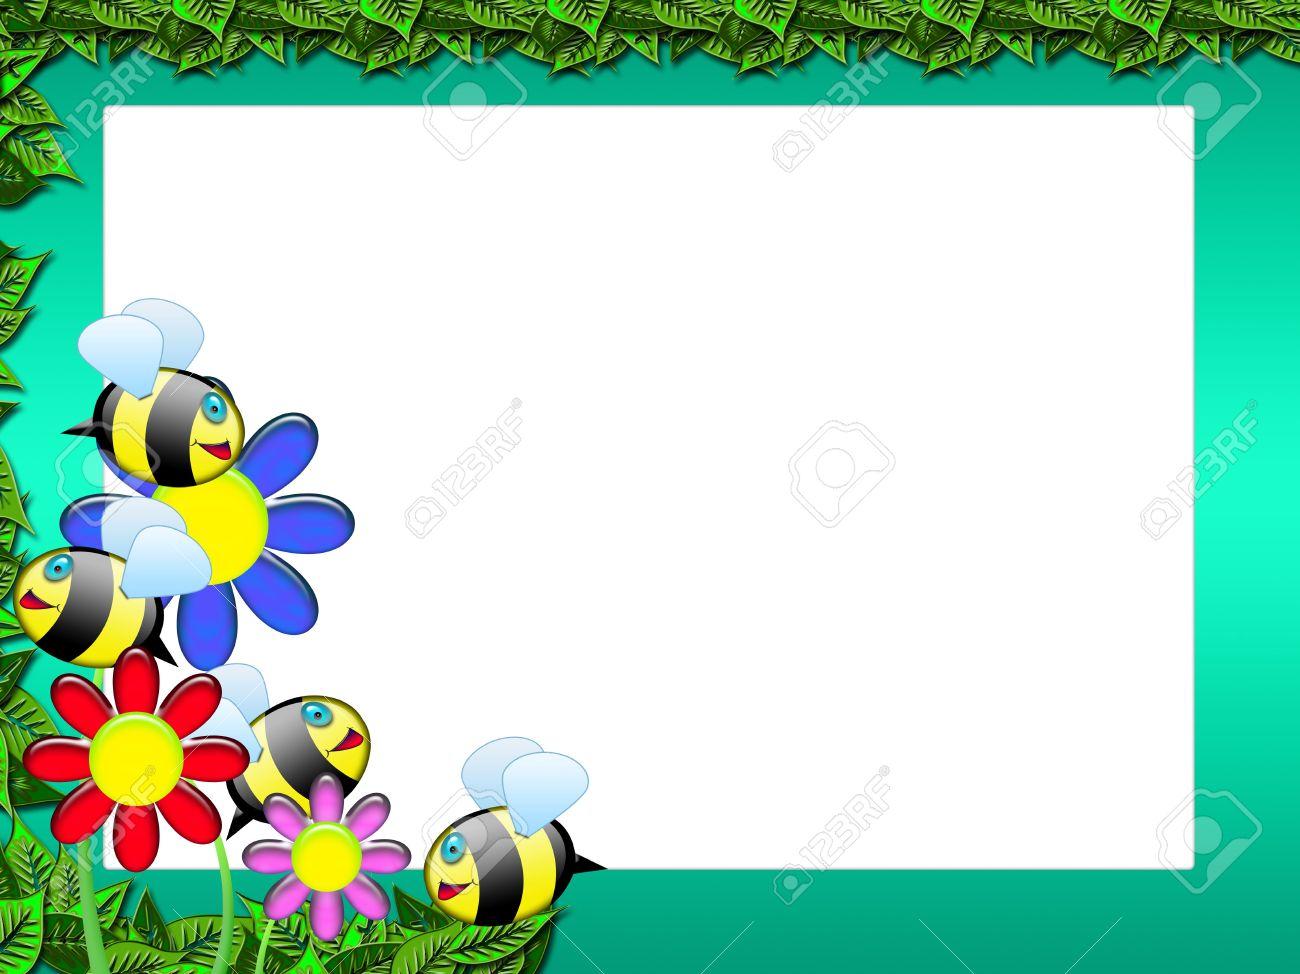 Rahmen Oder Das Gästebuch Mit Bienen Und Blumen - Photo Frame Oder ...